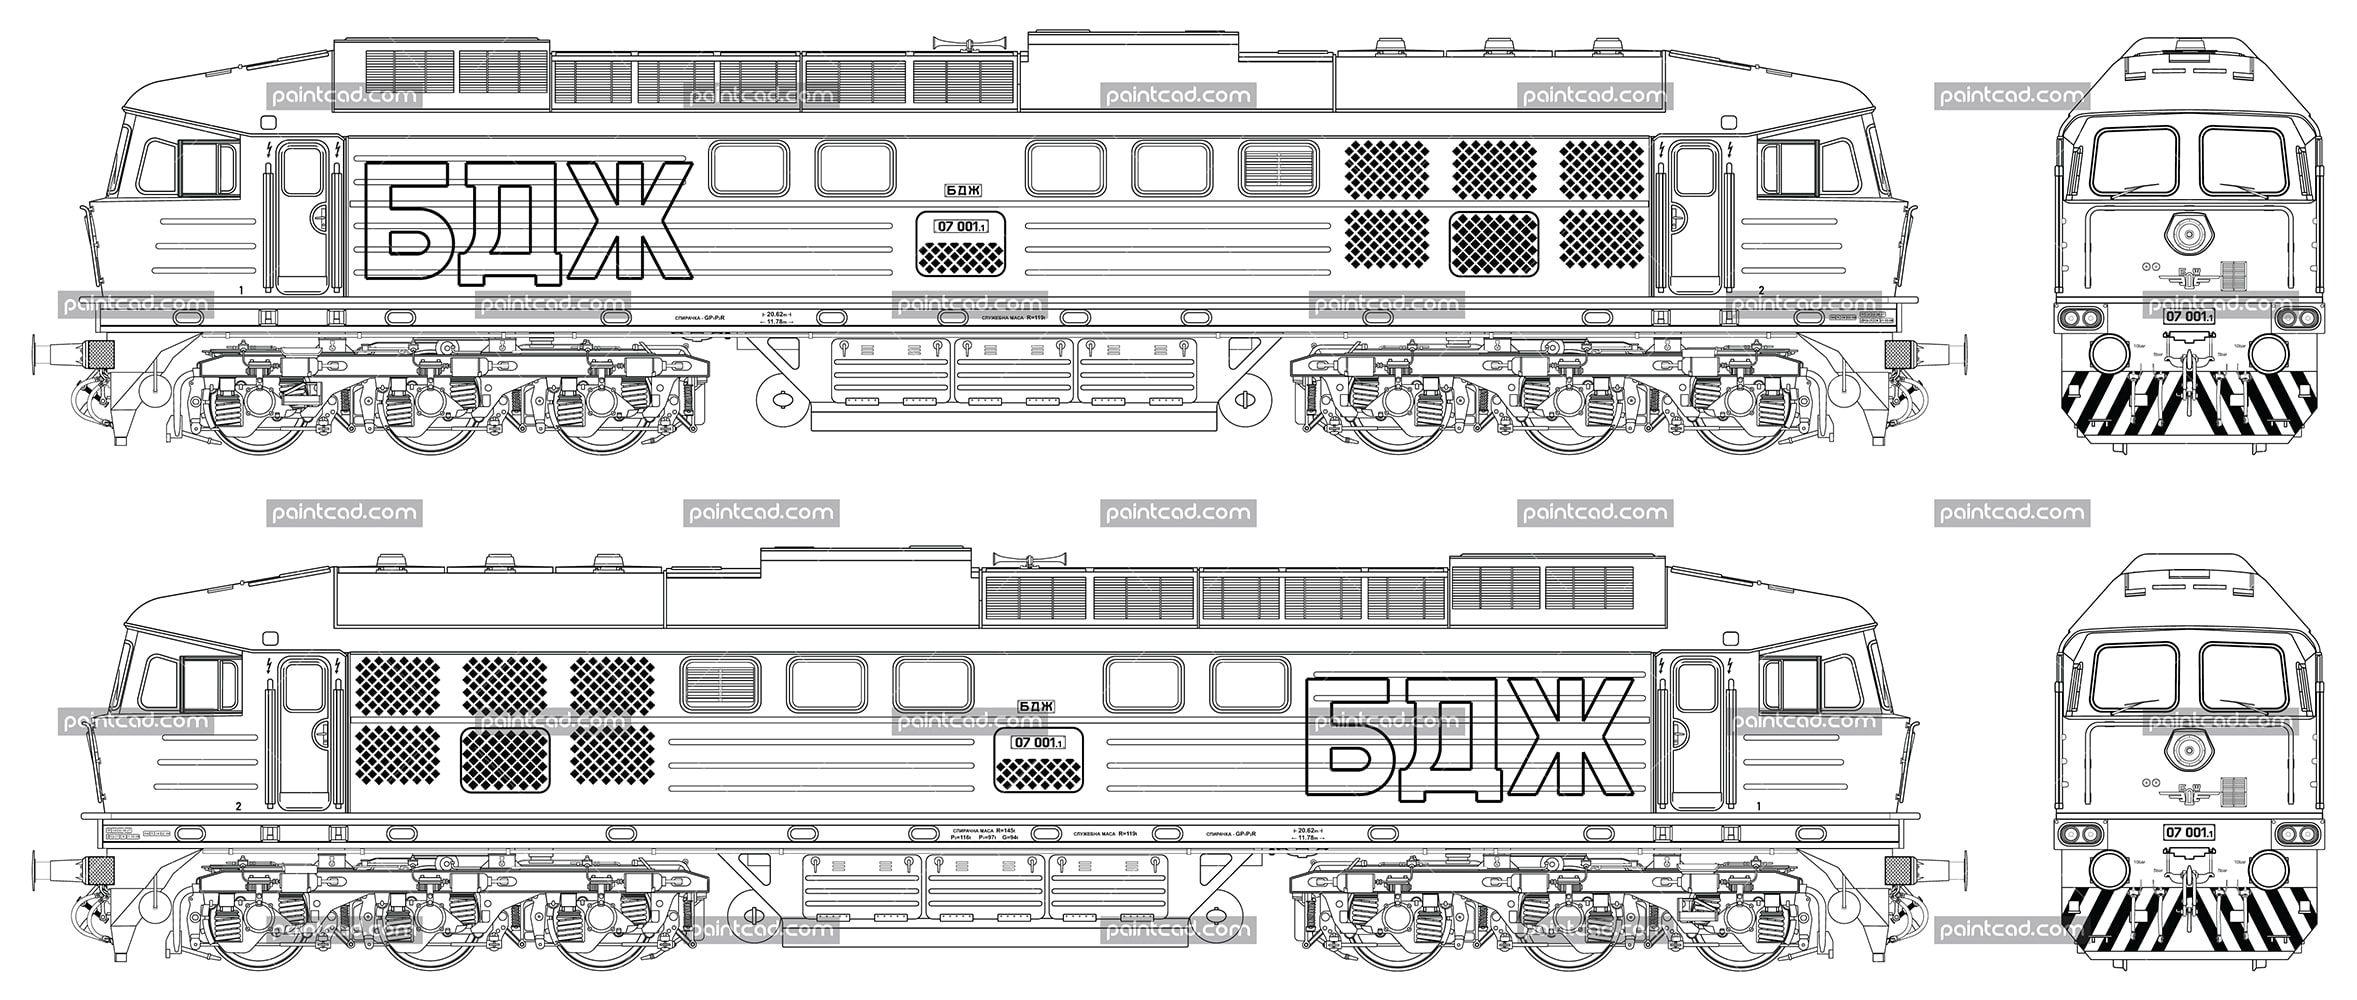 Fk 4156  Diesle Locomotive Diagram Wiring Diagram